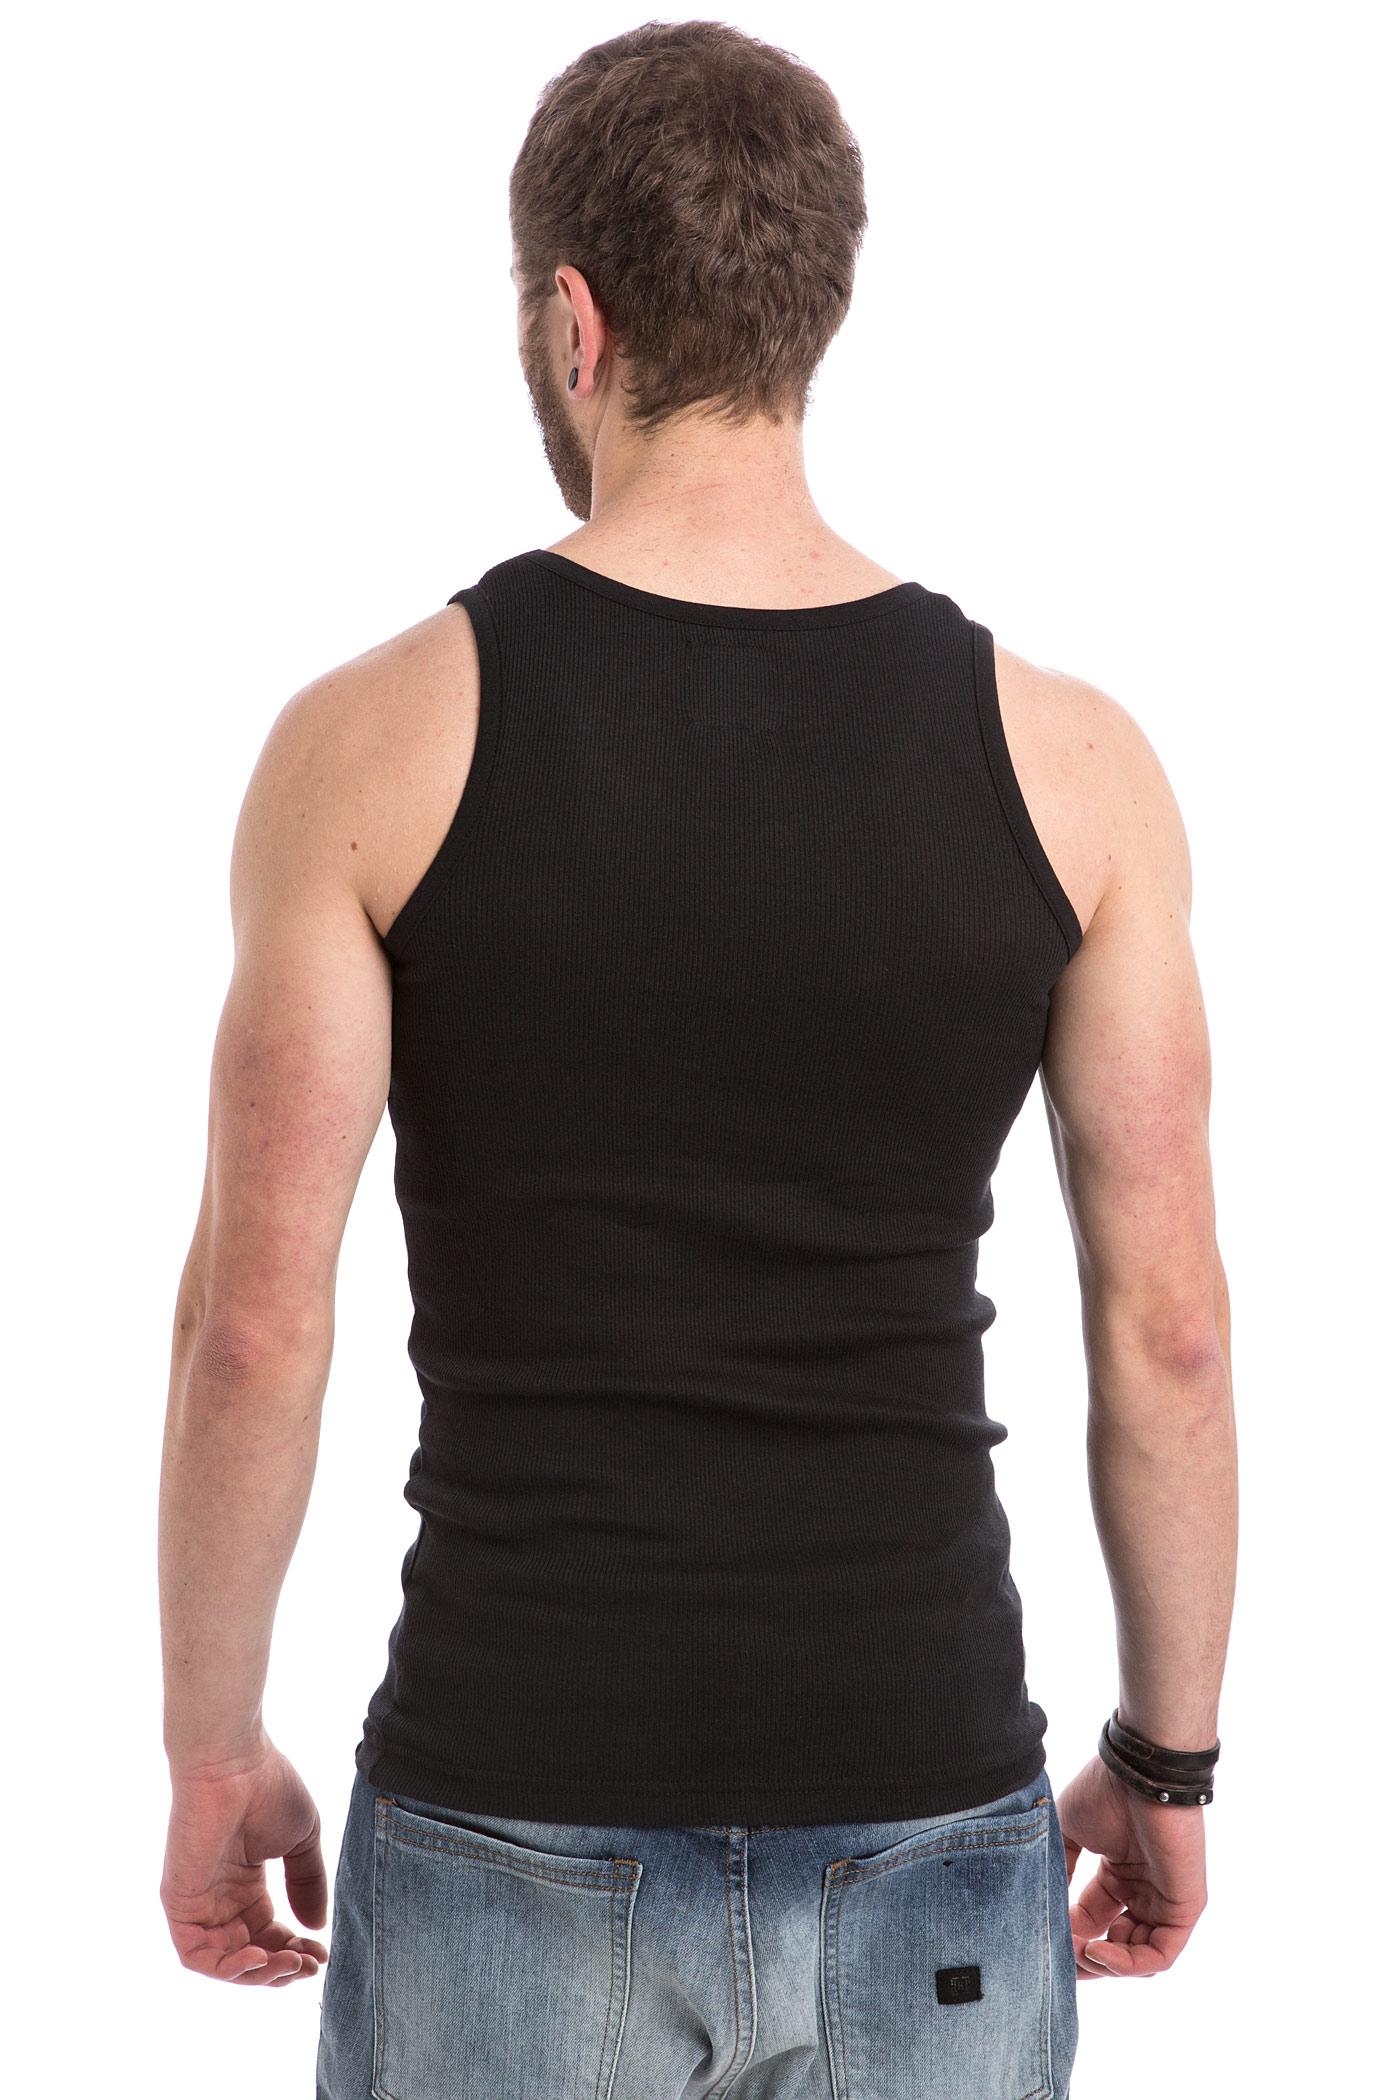 28e865806edffe Dickies Proof Tank-Top (black) 3 Pack buy at skatedeluxe